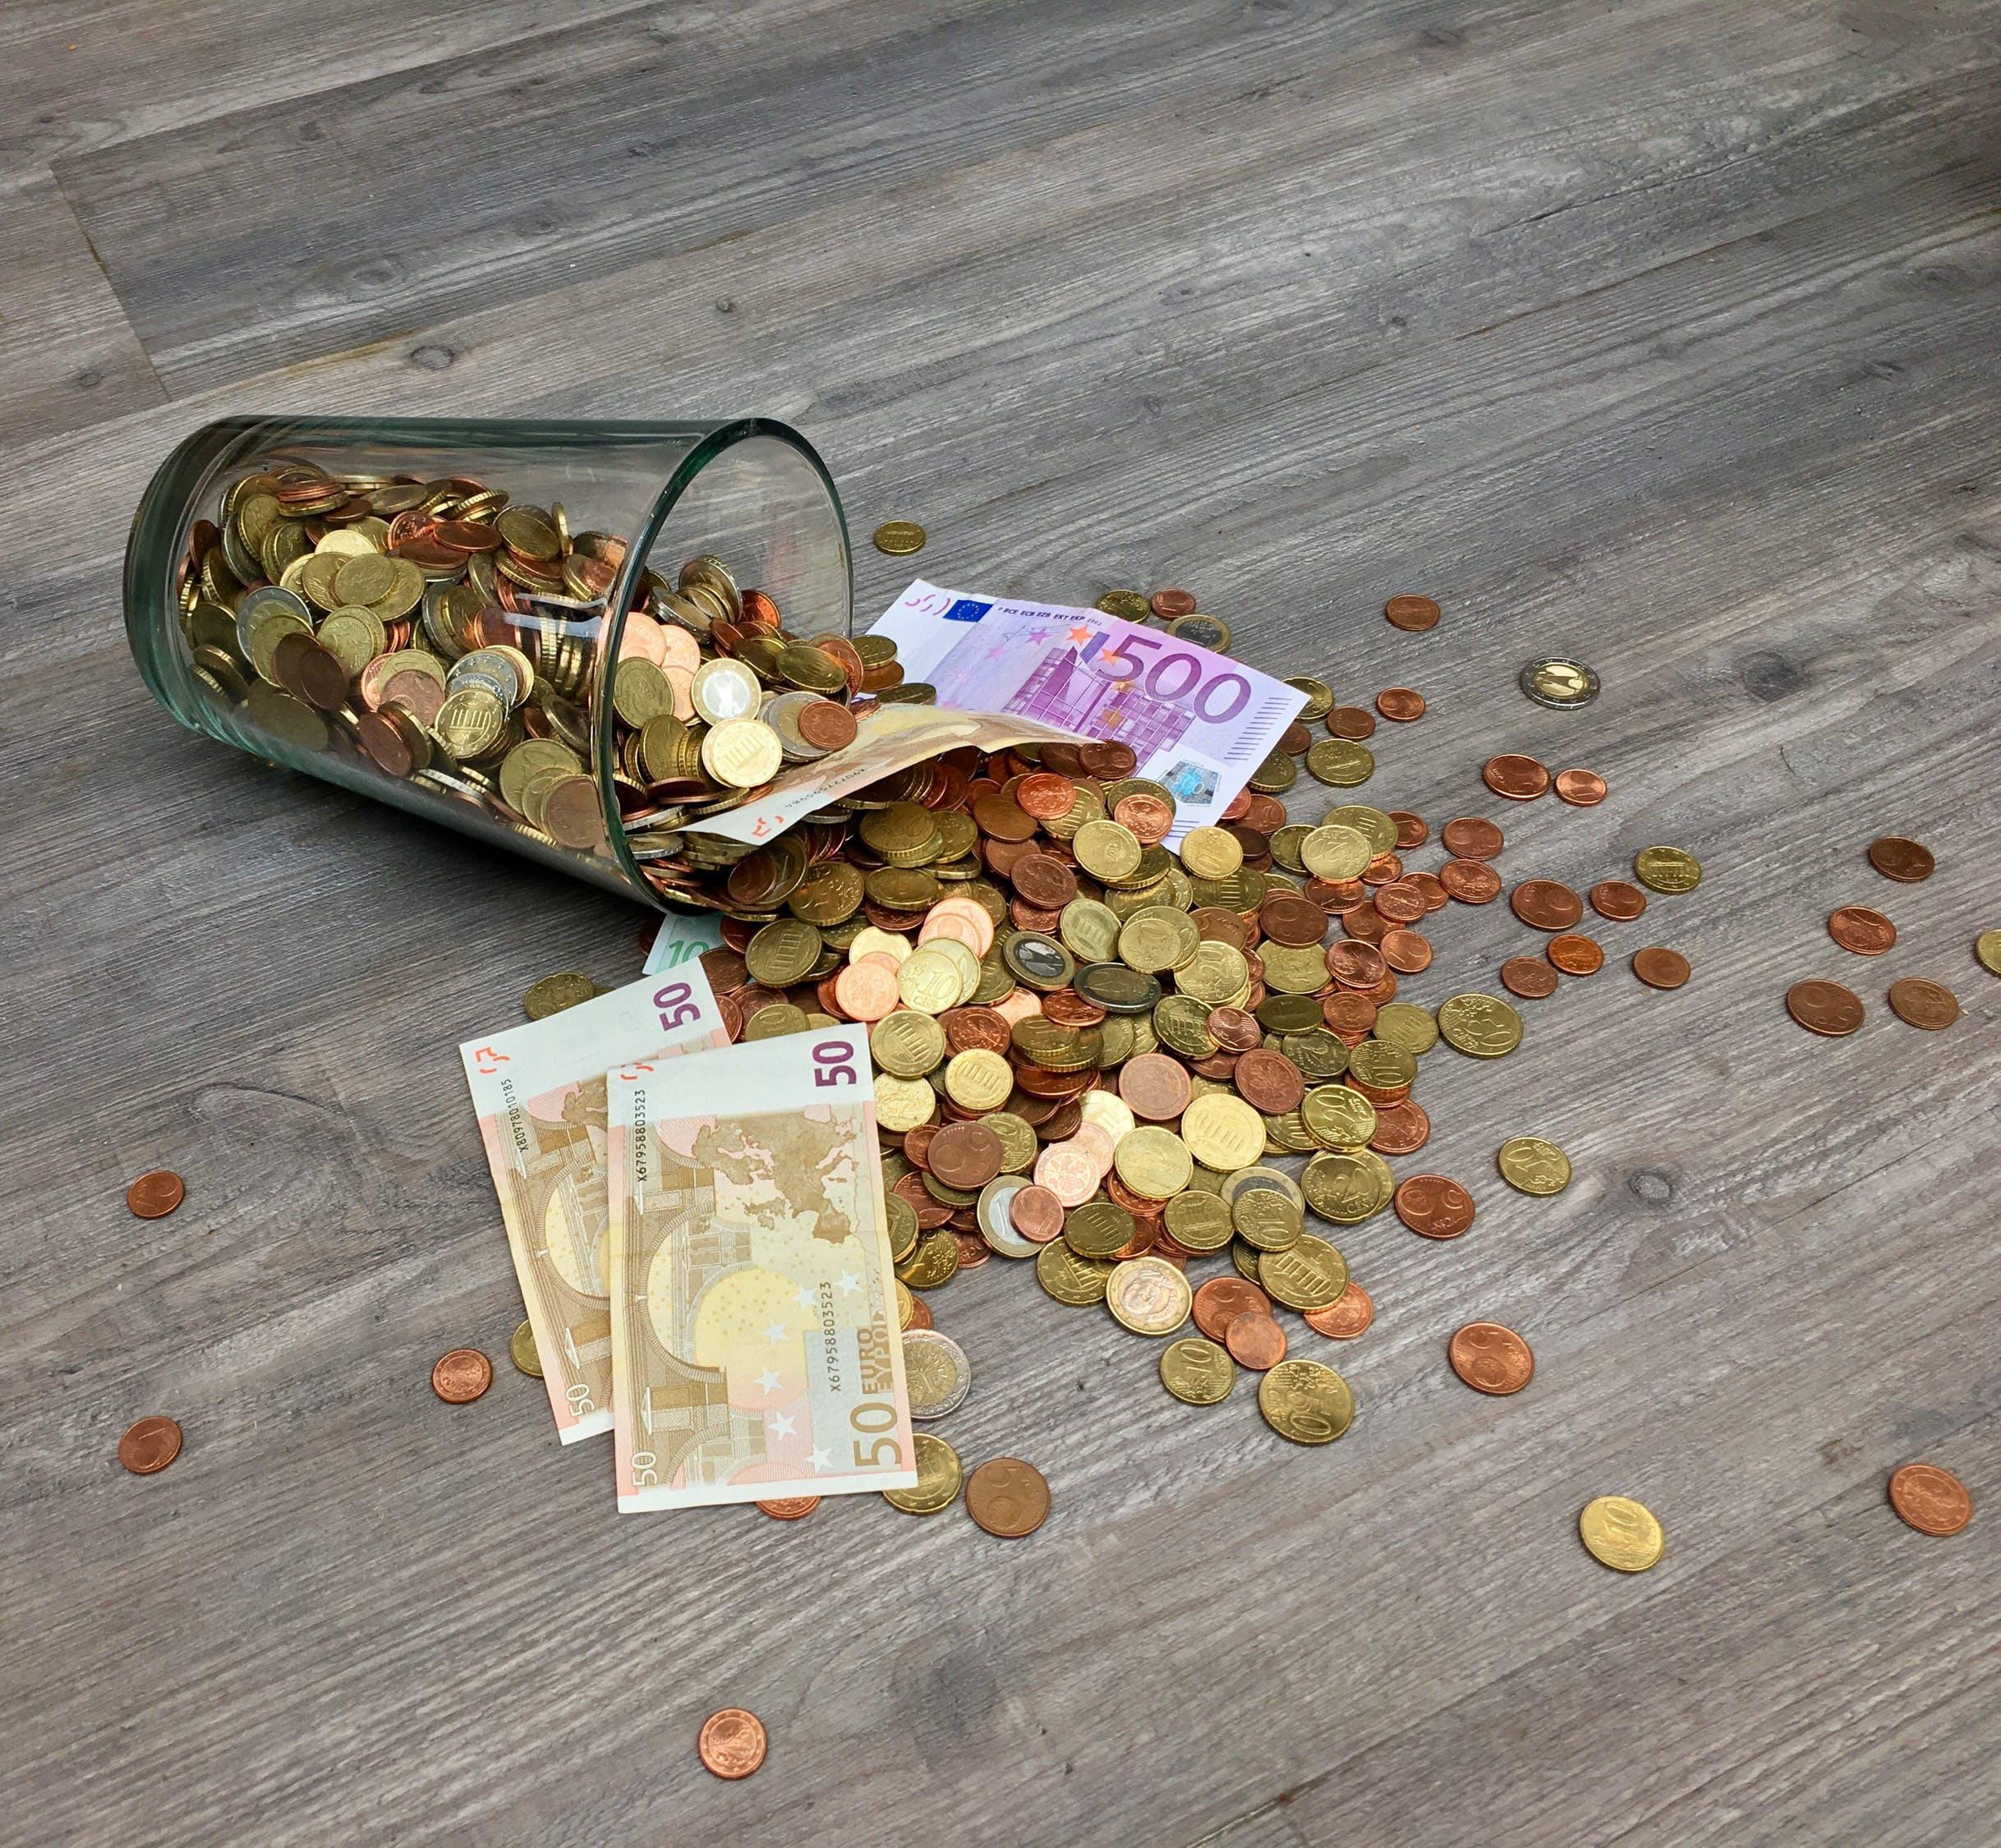 dinheiro, lei, opiniao, como investir, investimento, como poupar, dif broker, política, economia